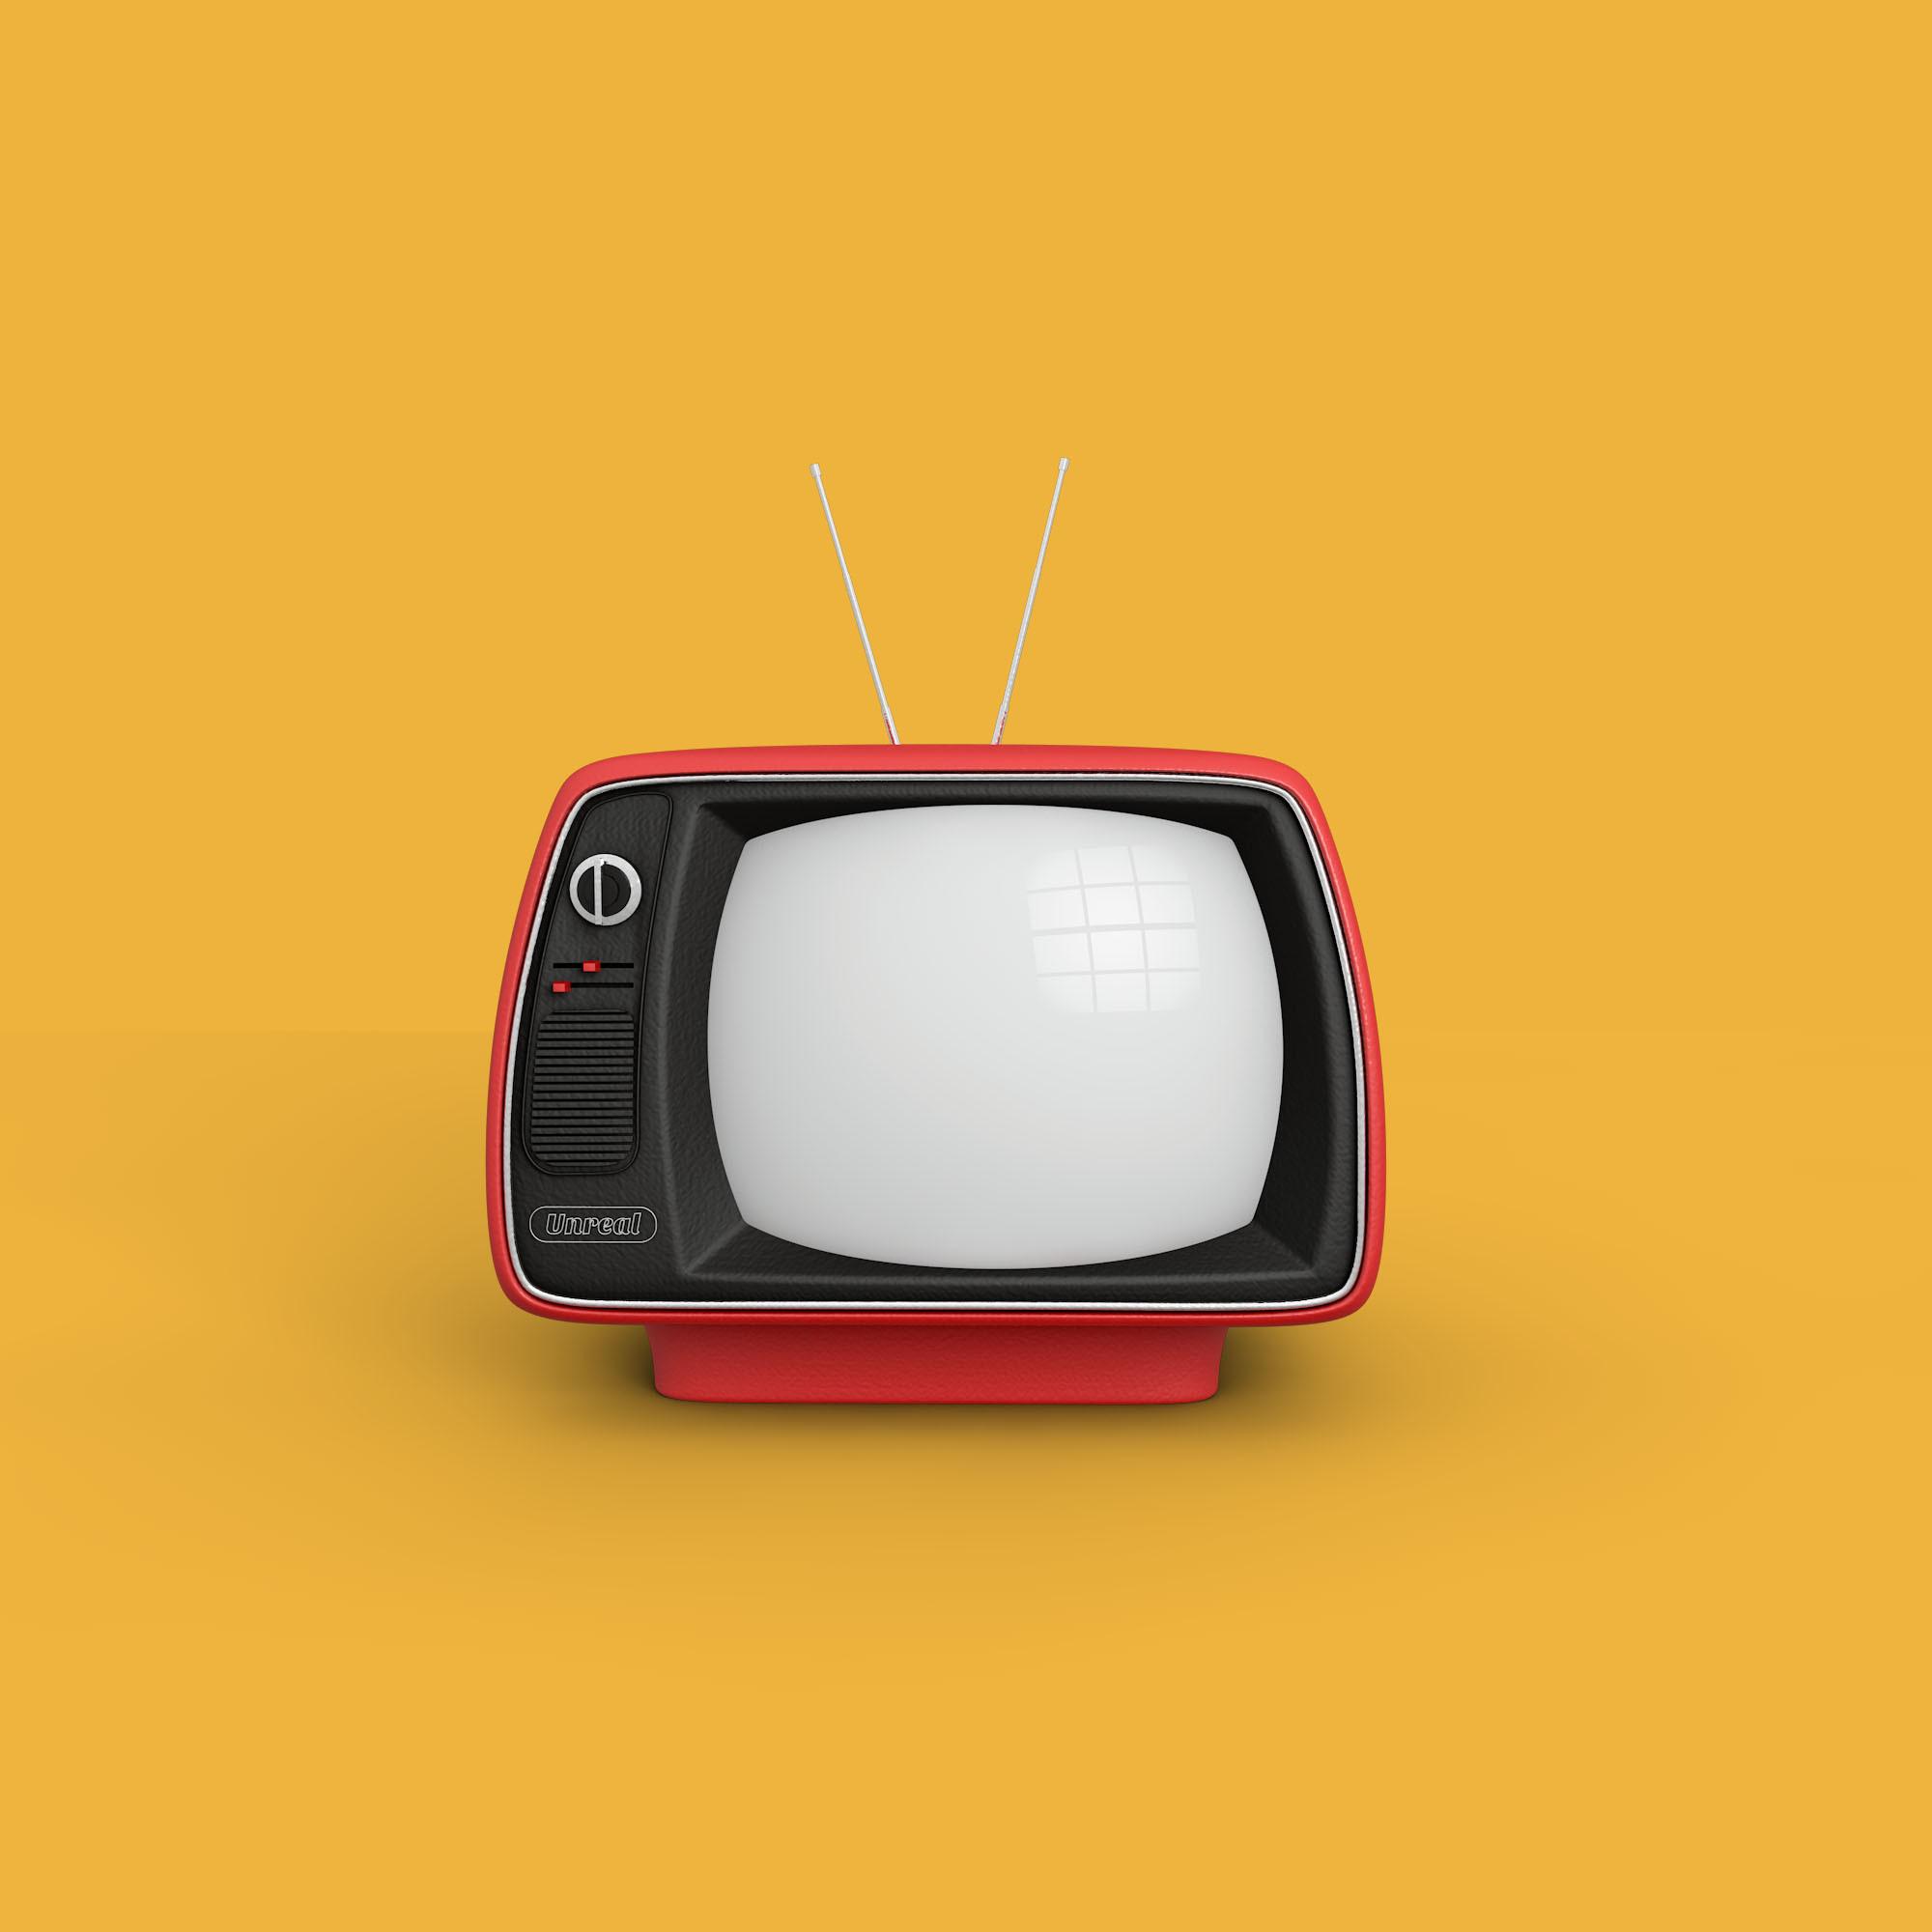 Retro Television Set // Source:turbosquid.com